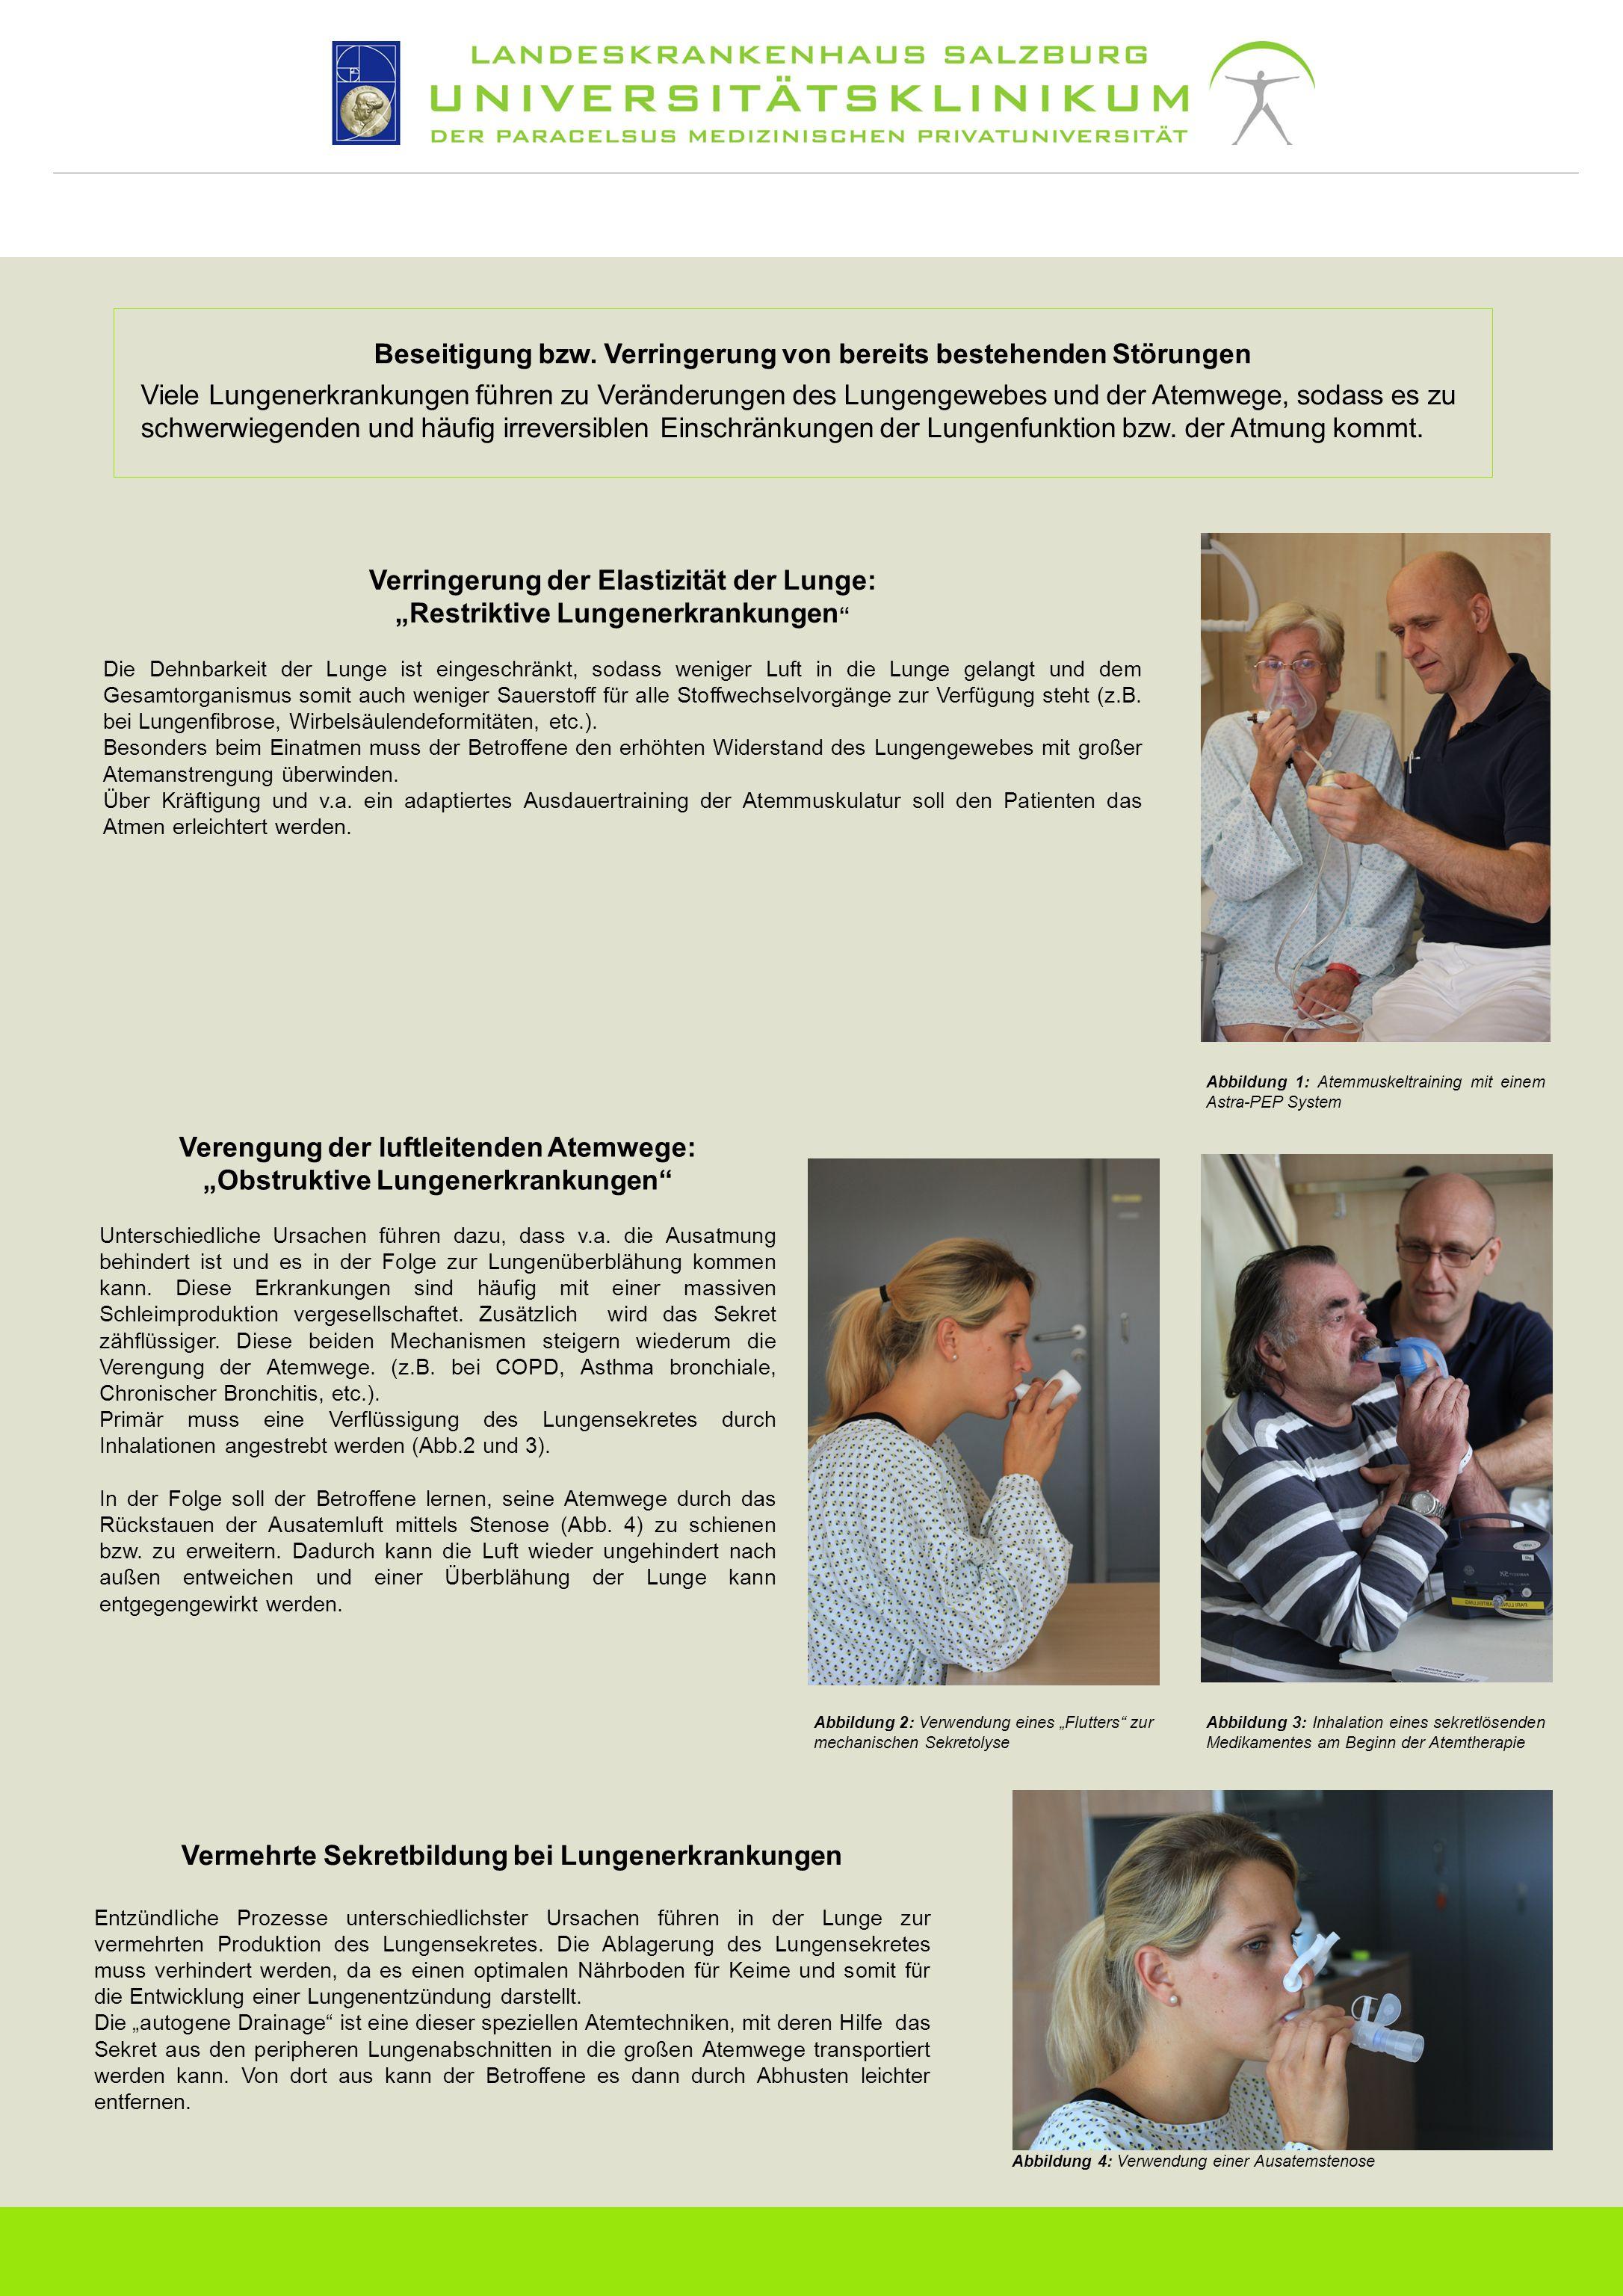 Beseitigung bzw. Verringerung von bereits bestehenden Störungen